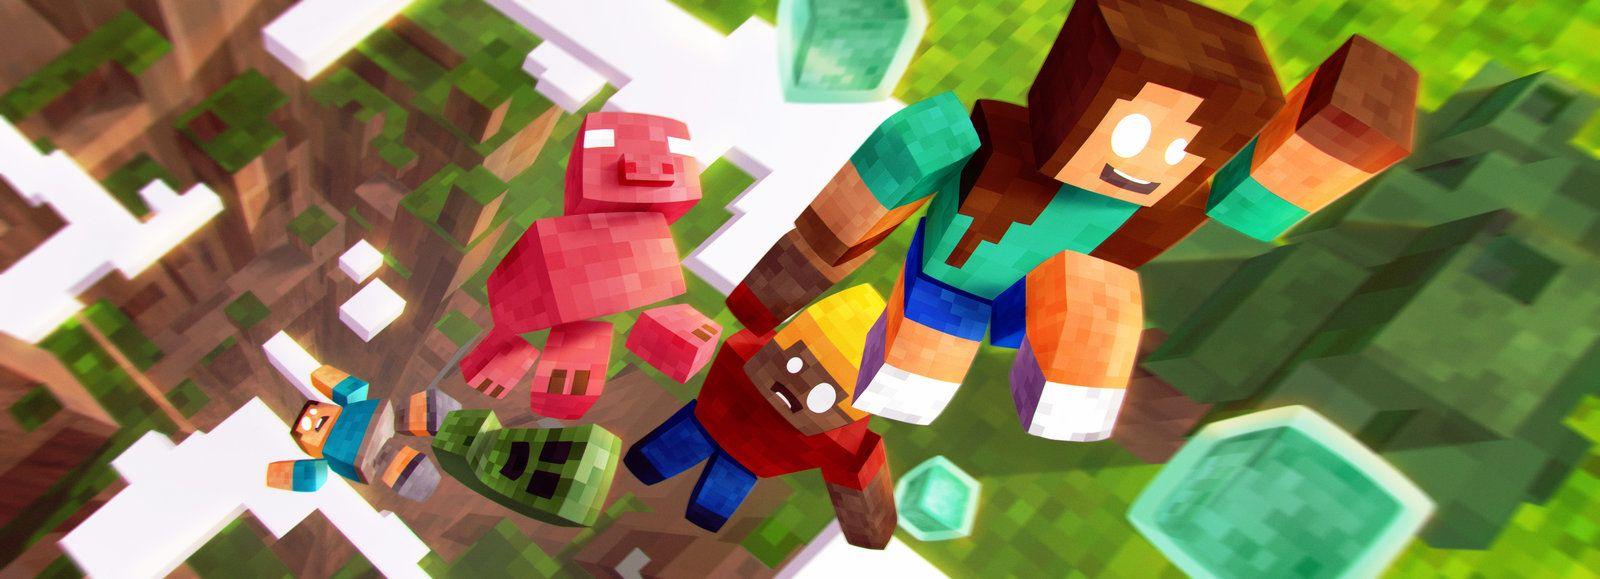 Minecraft by DylanPierpont.deviantart.com on @deviantART